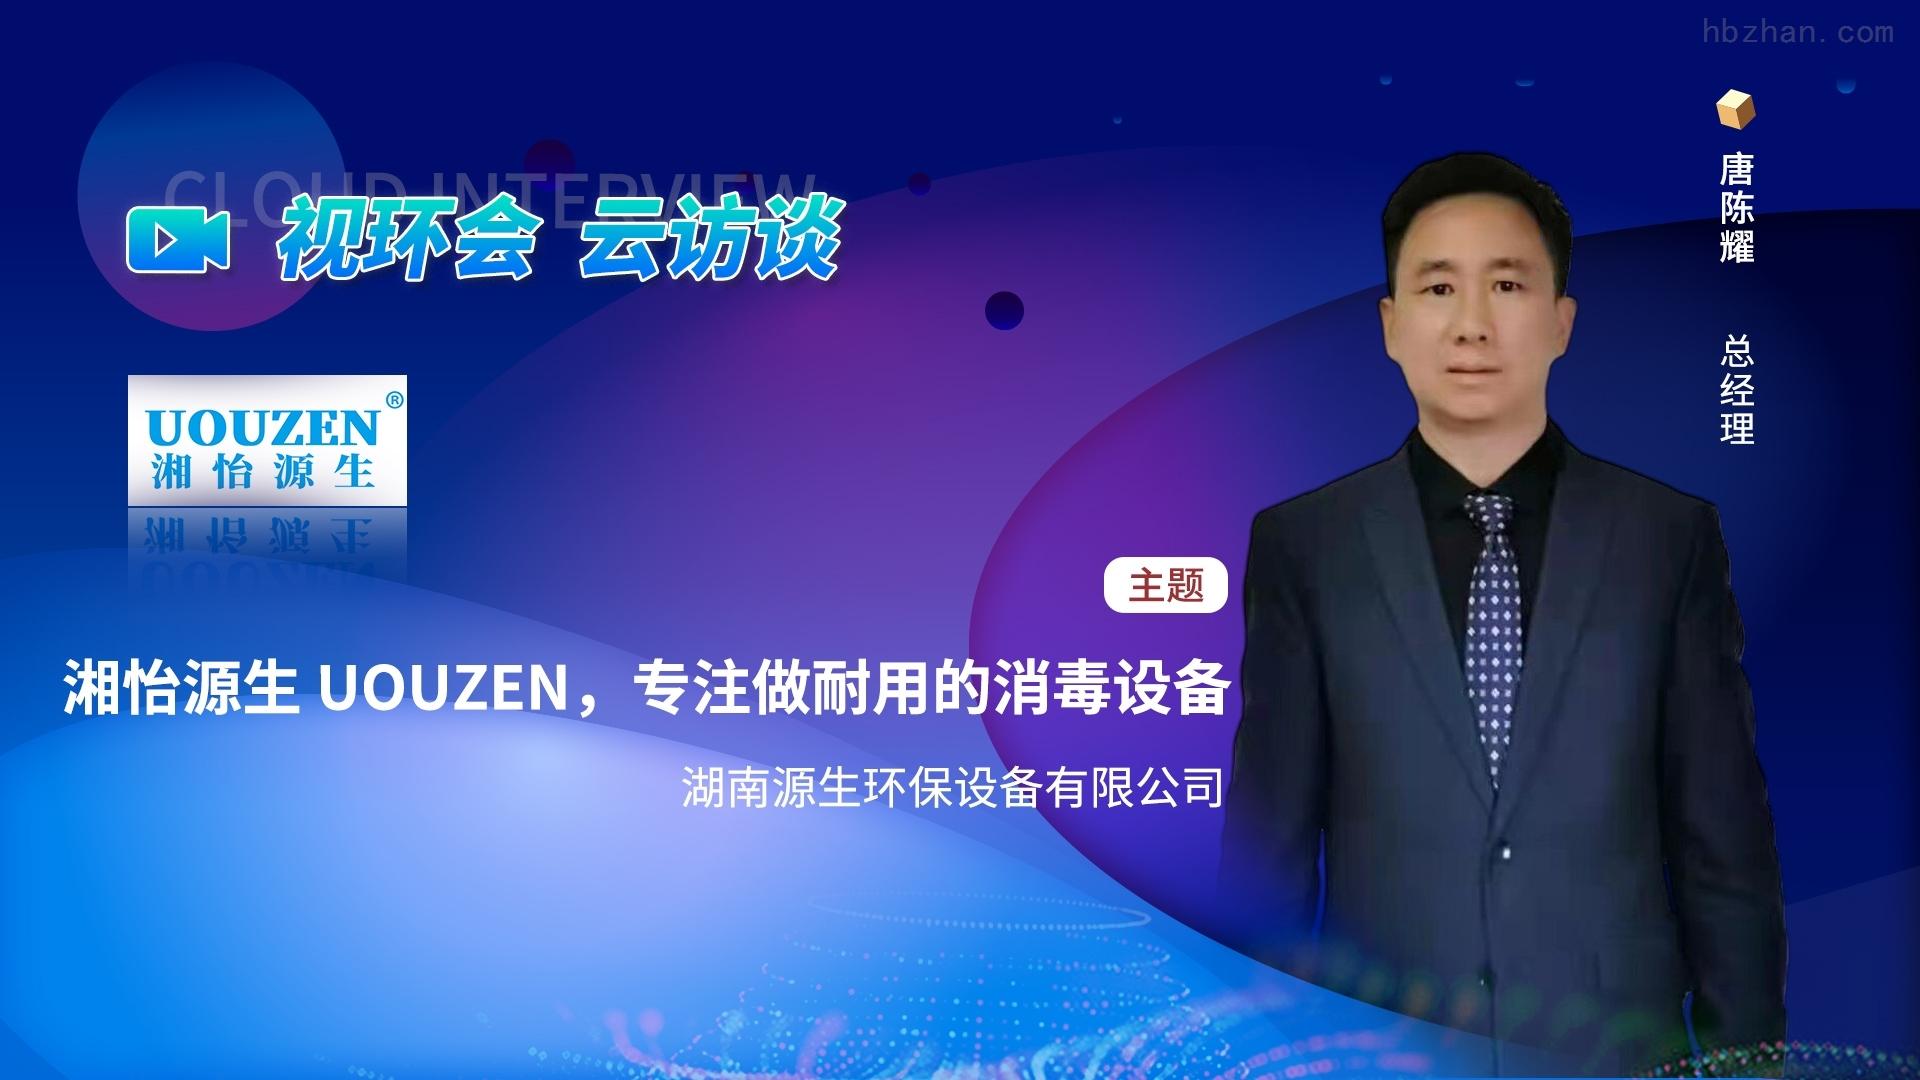 UOUZEN 湘怡源生,专注做耐用的消毒设备